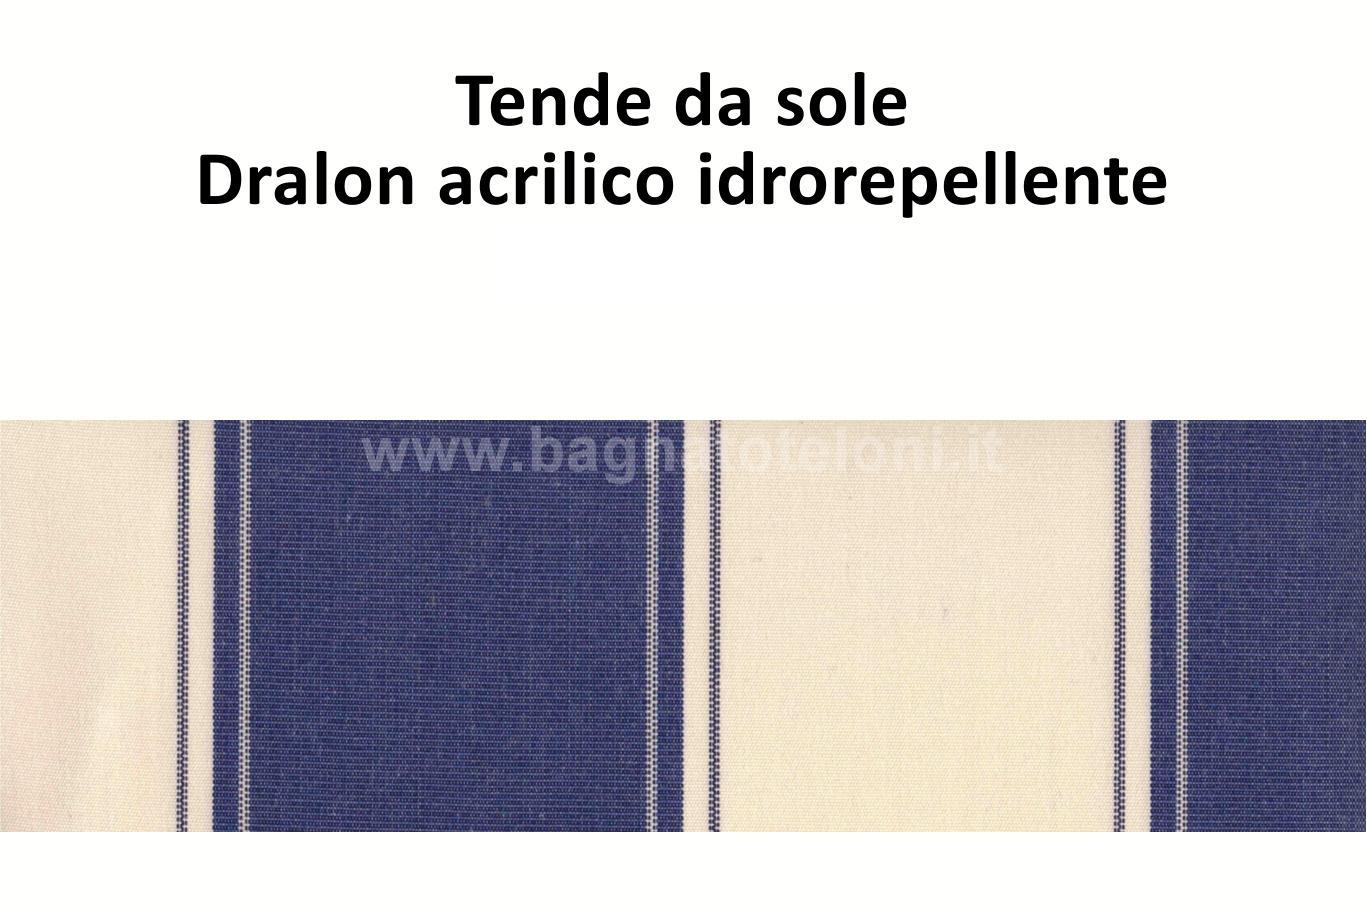 tende da sole dralon acrilico idrorepellente rigato blu